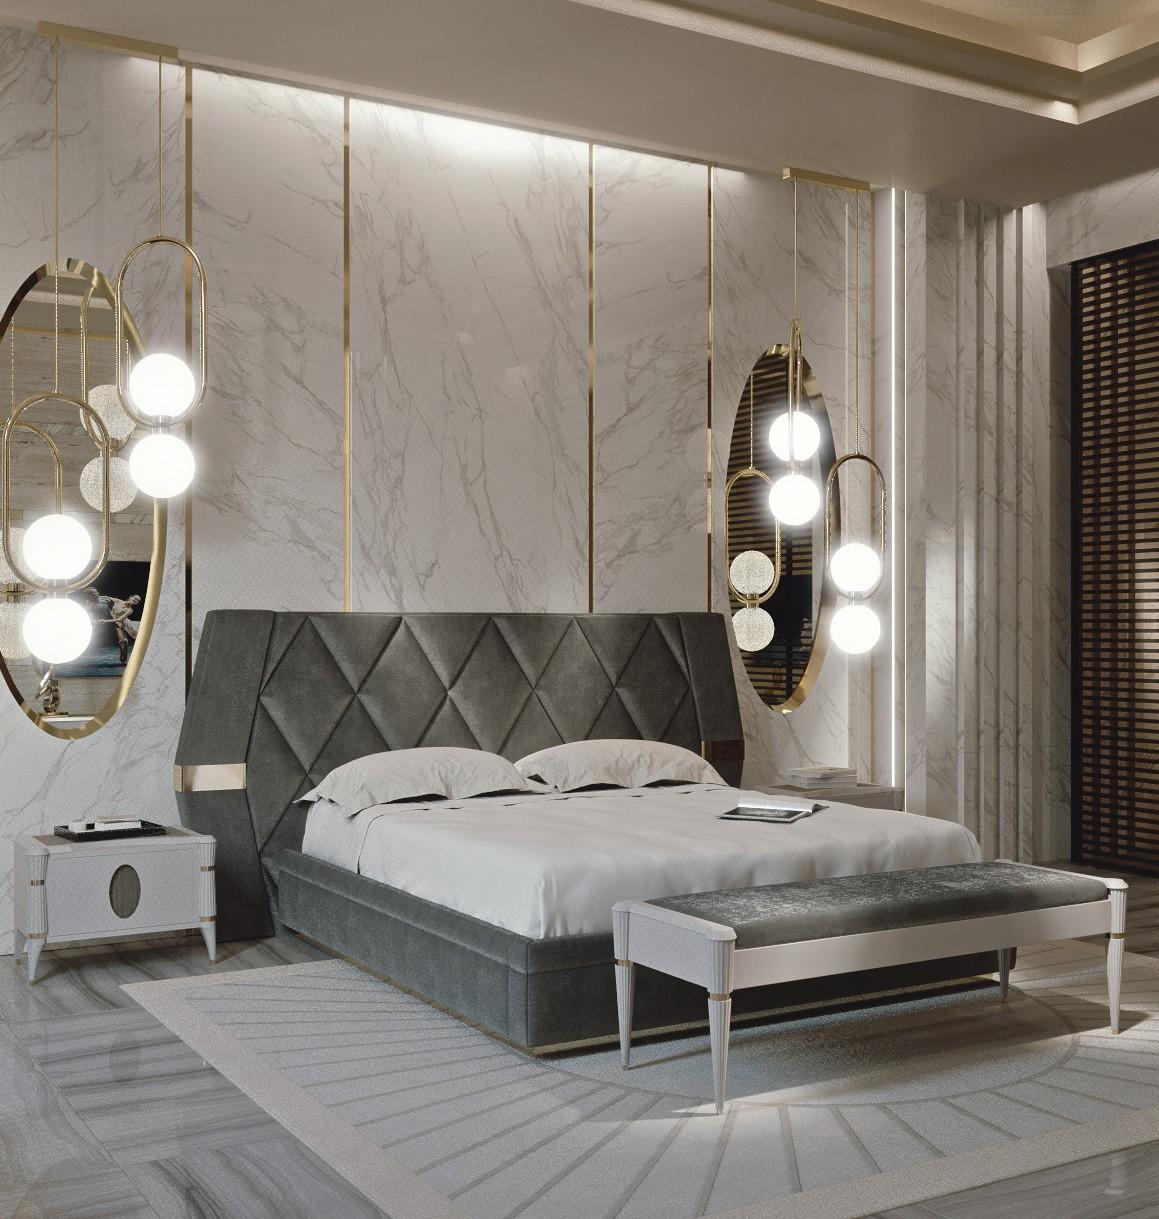 Look originale per la zona notte francesco pasi presenta il nuovo letto ellipse social design - Letto originale ...